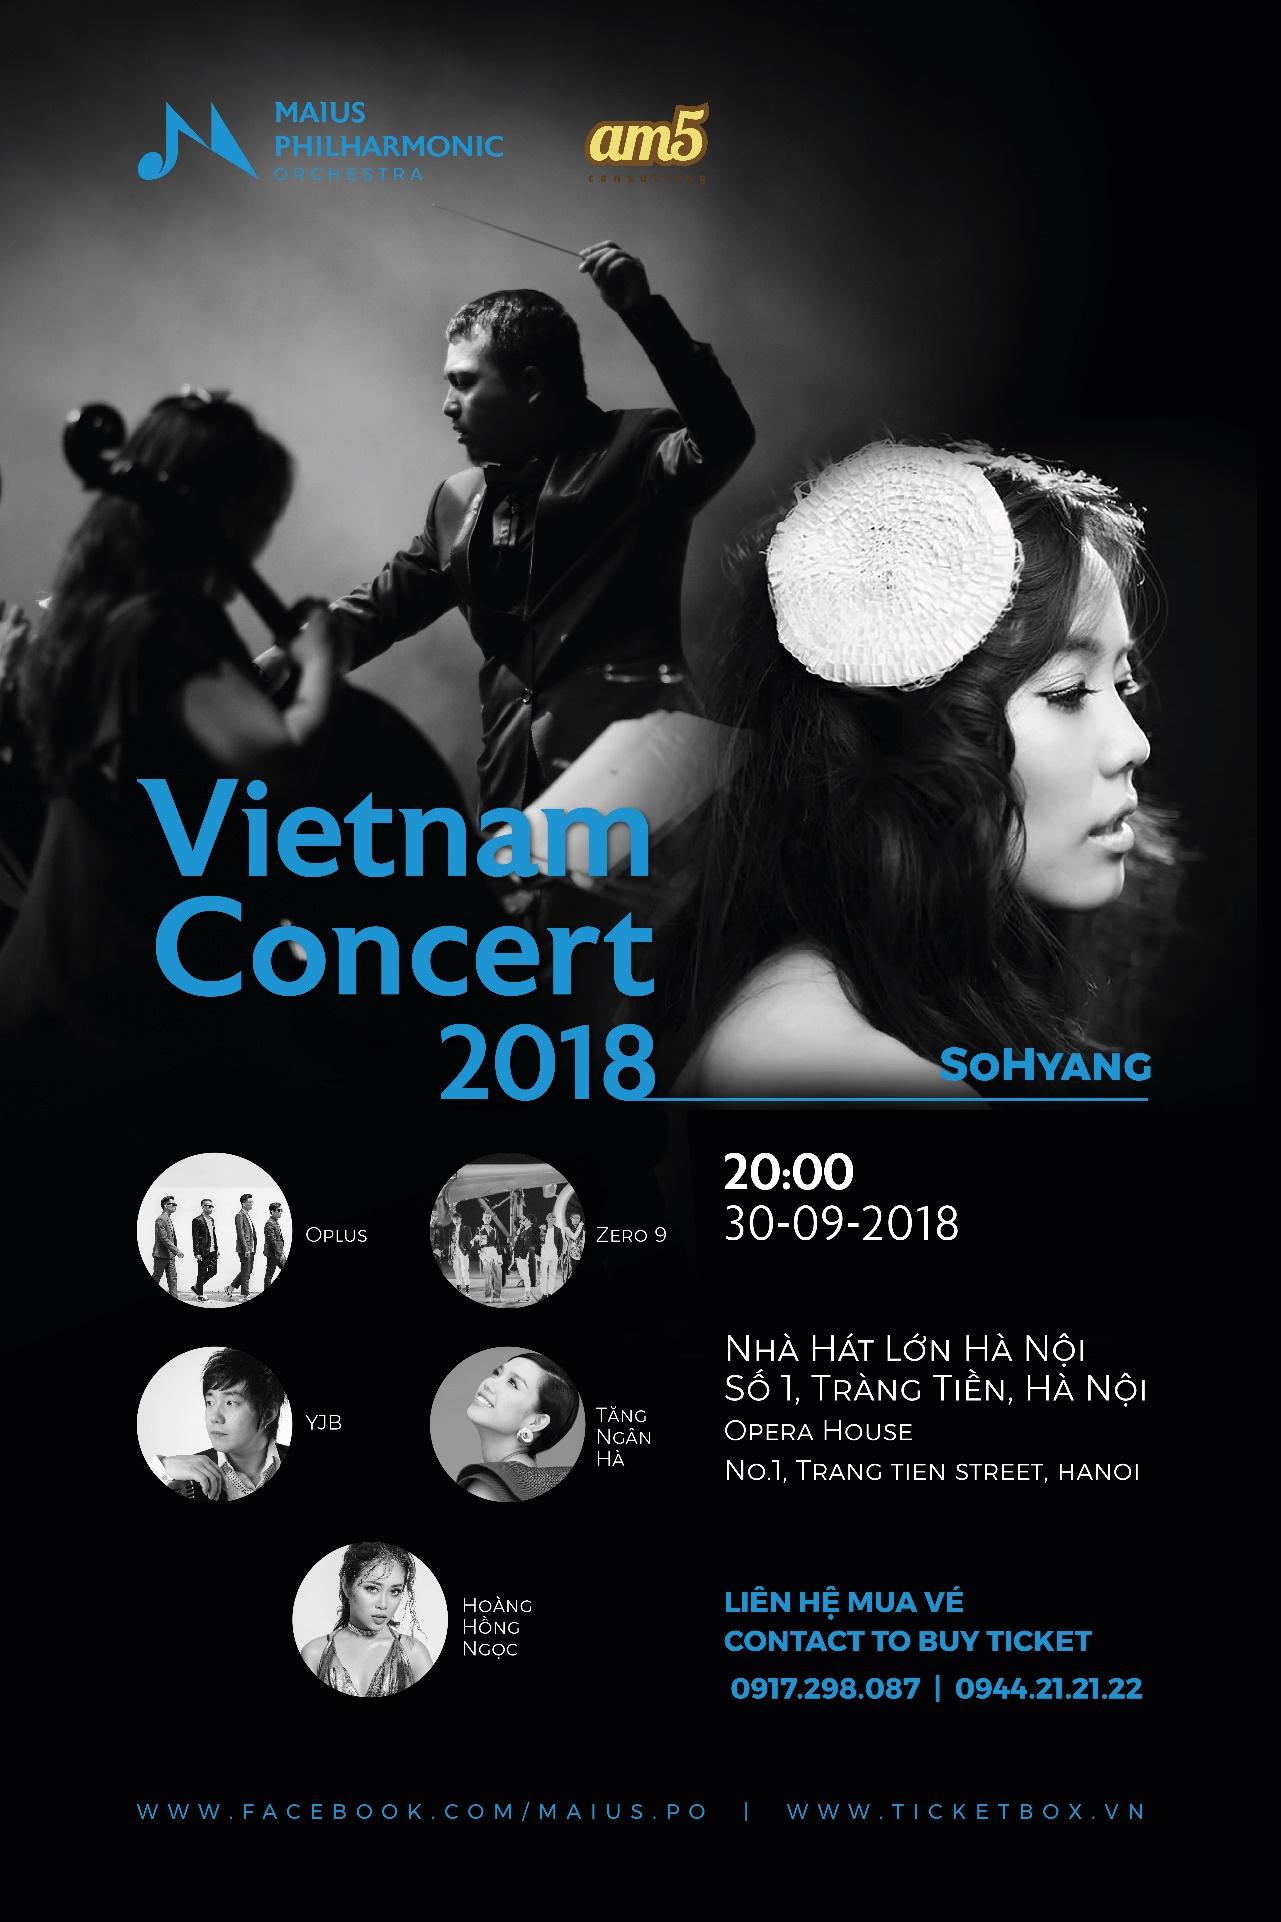 Dàn nhạc giao hưởng triệu view khẳng định đẳng cấp với concert cùng diva Hàn Quốc Sohyang - Ảnh 11.